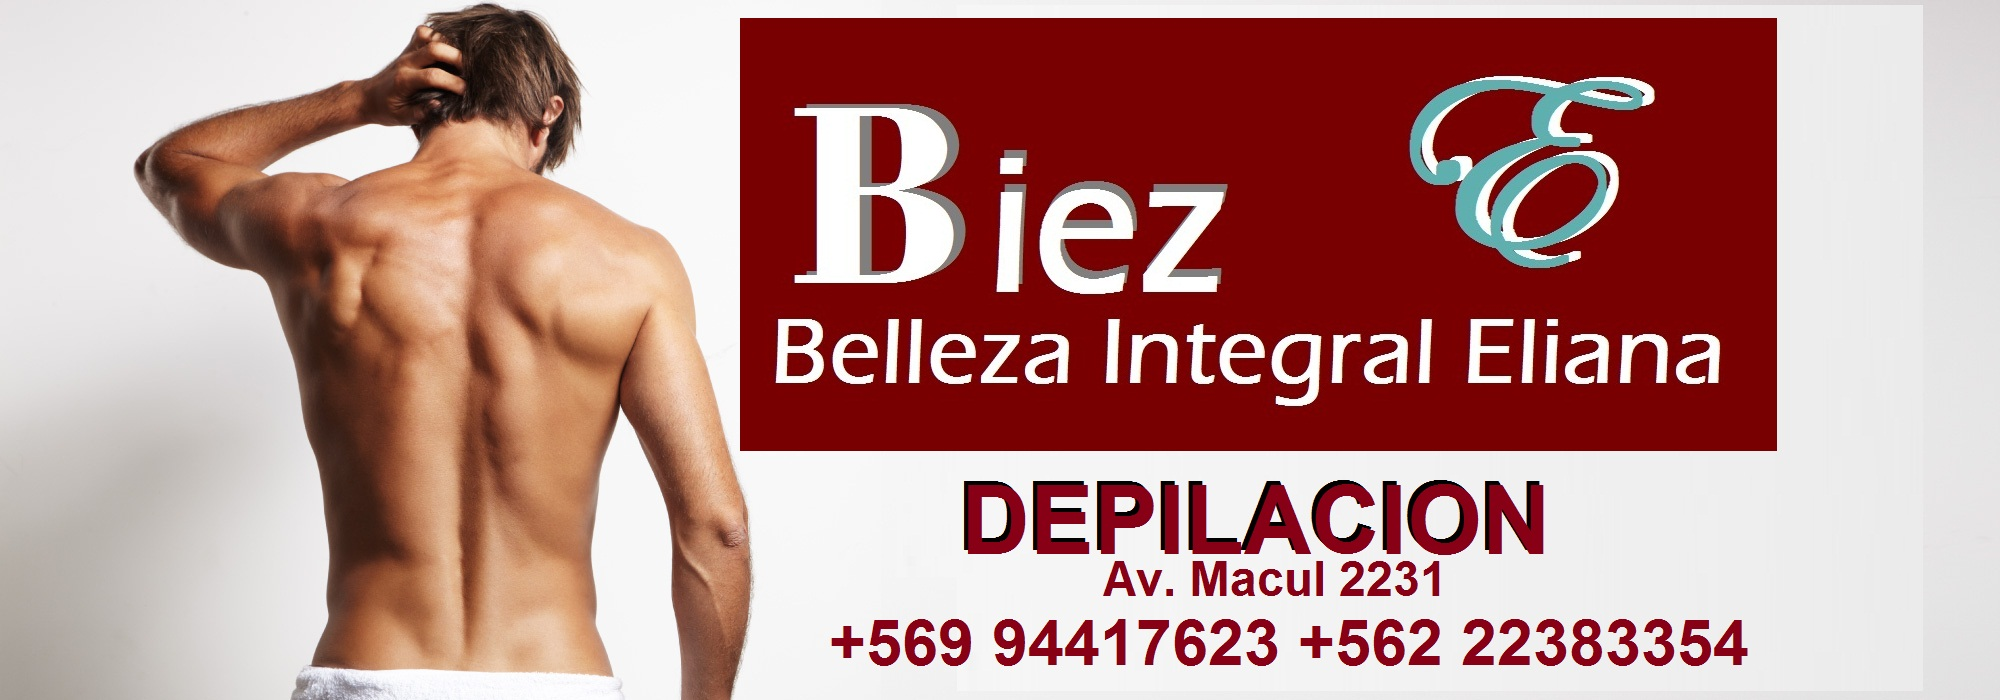 DEPILACION DEPORTISTAS Macul